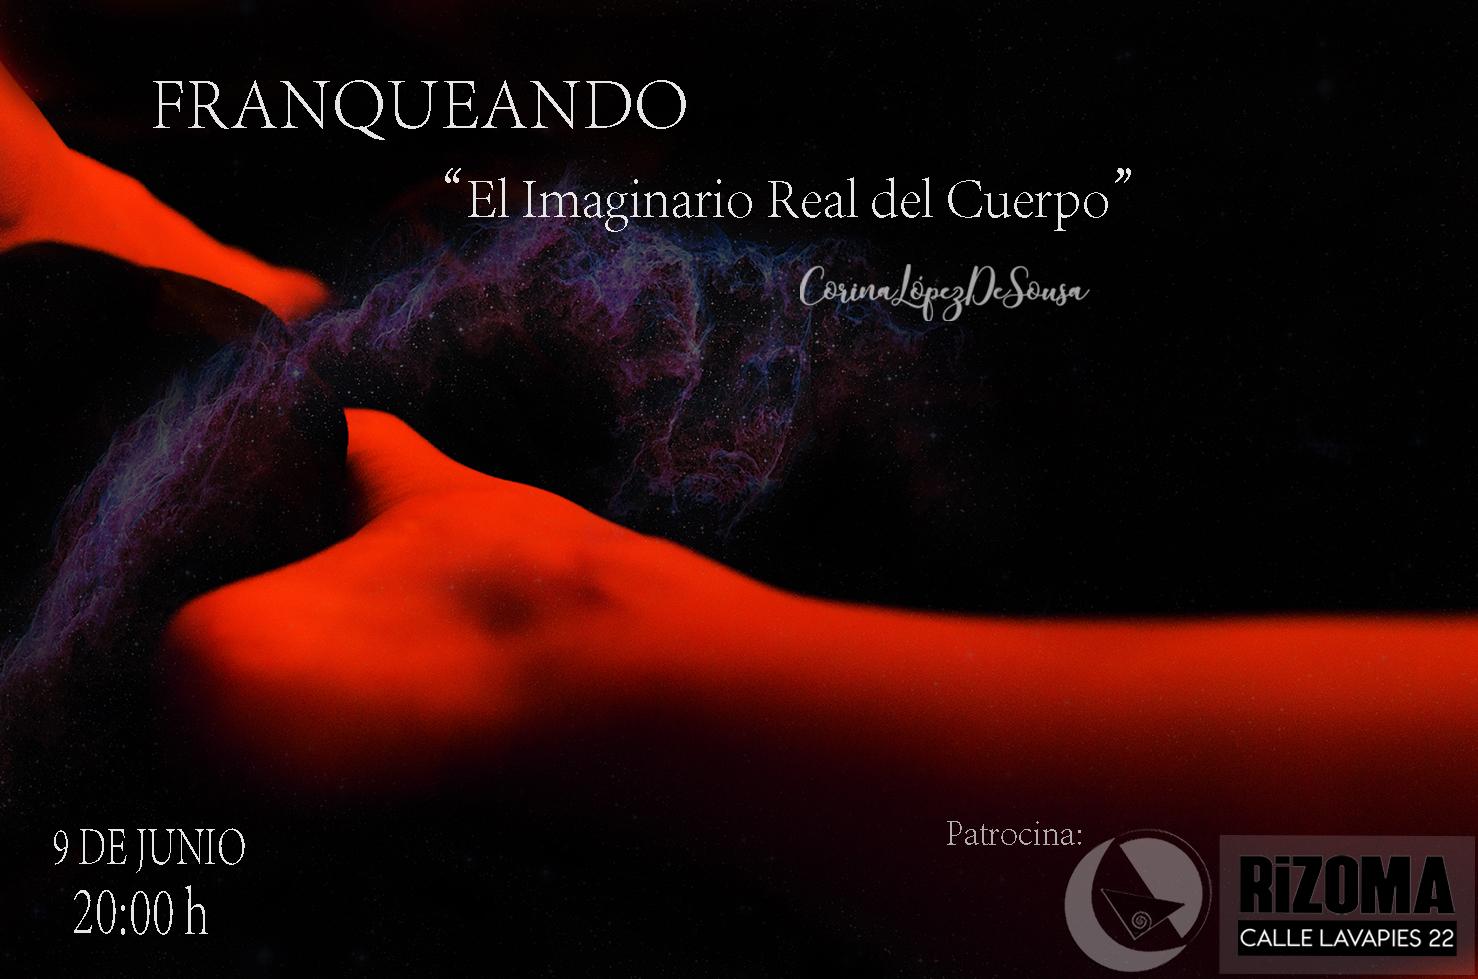 FRANQUEANDO 1ERA EDICION EL IMAGINARIO